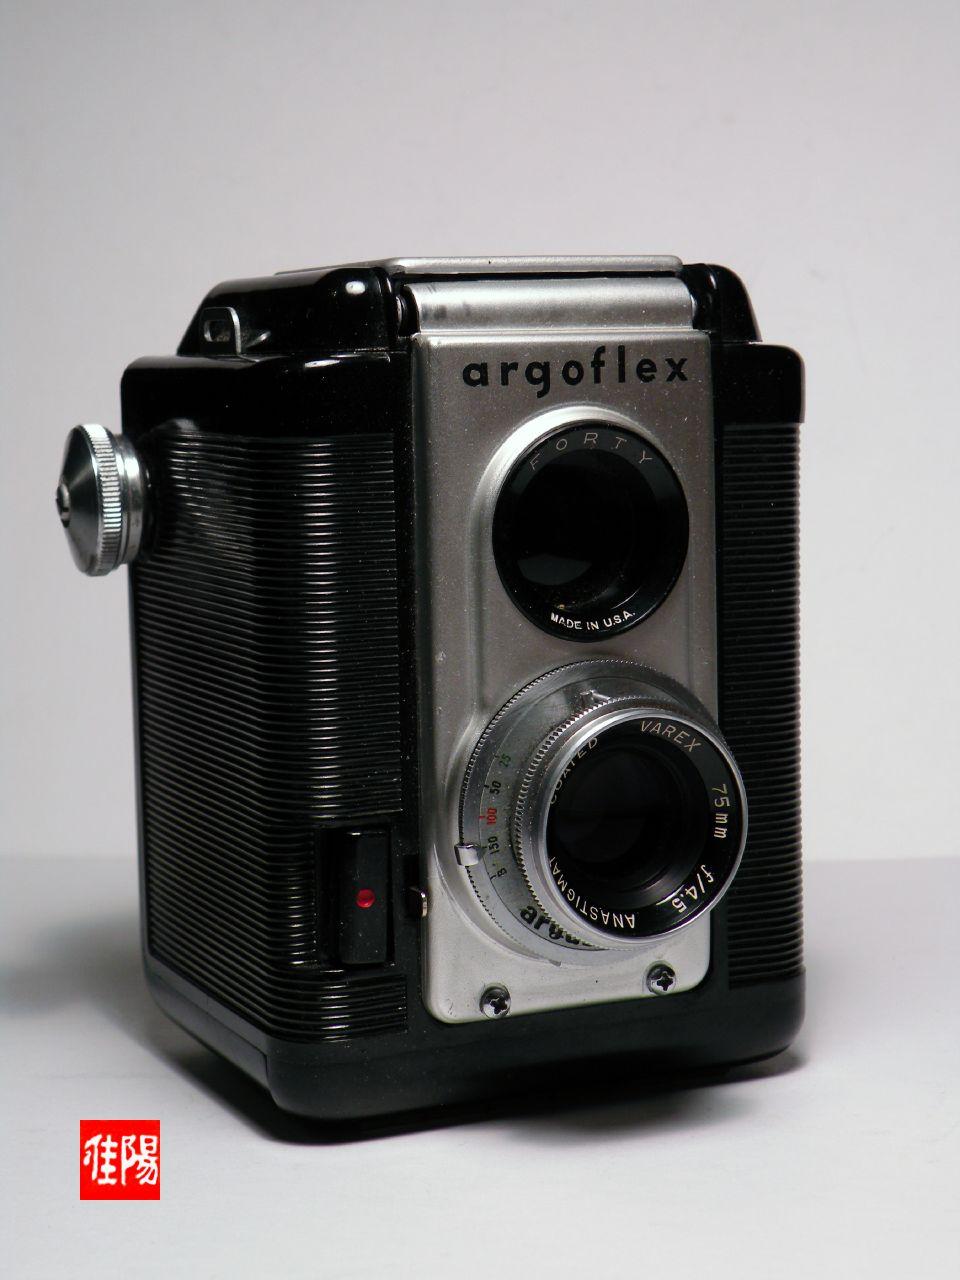 Argoflex40